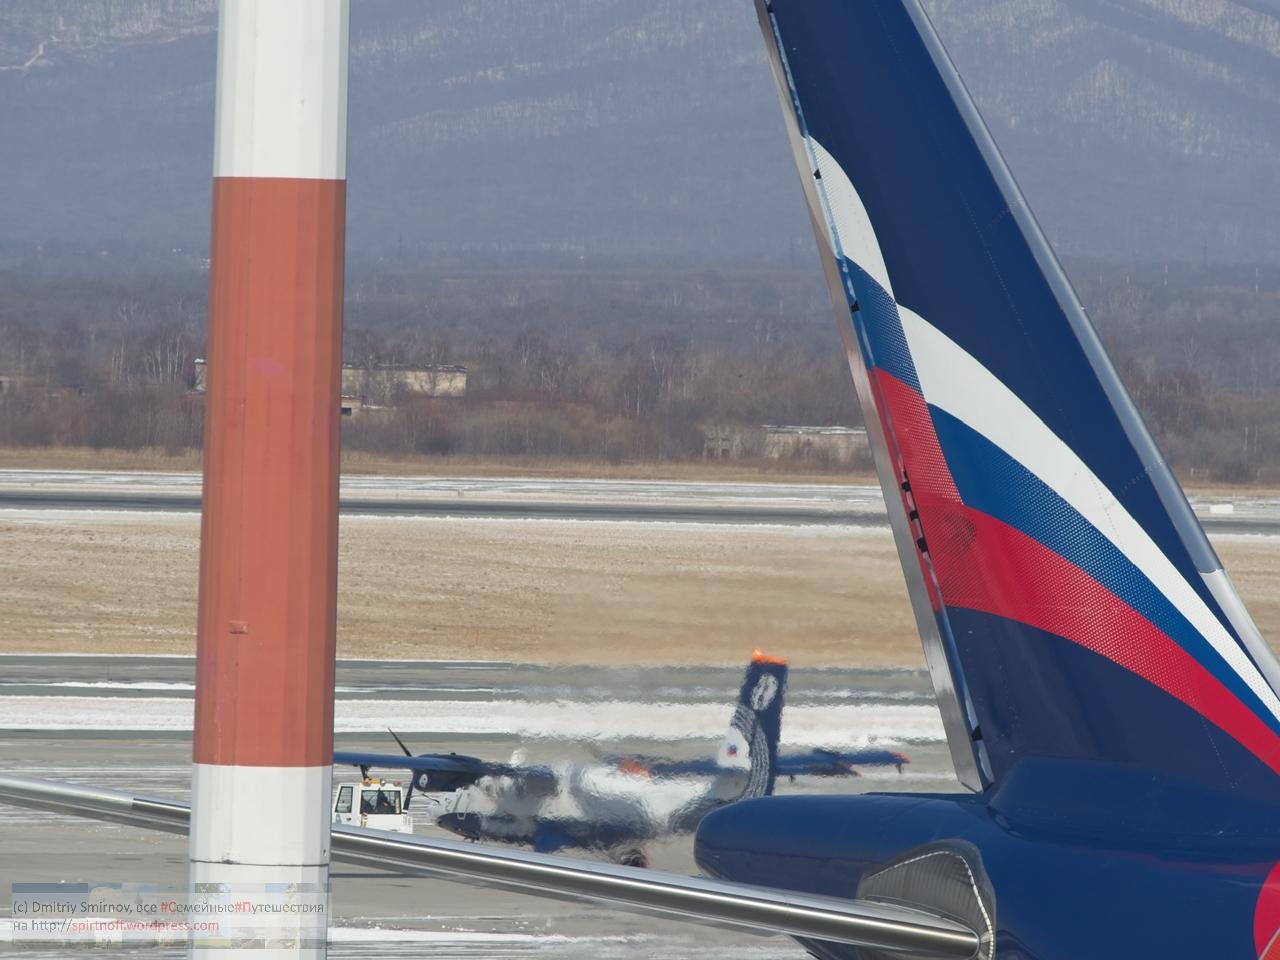 SMI23075-Blog-277 Путешествия  Владивосток. Постскриптум (Аэропорт Артем)